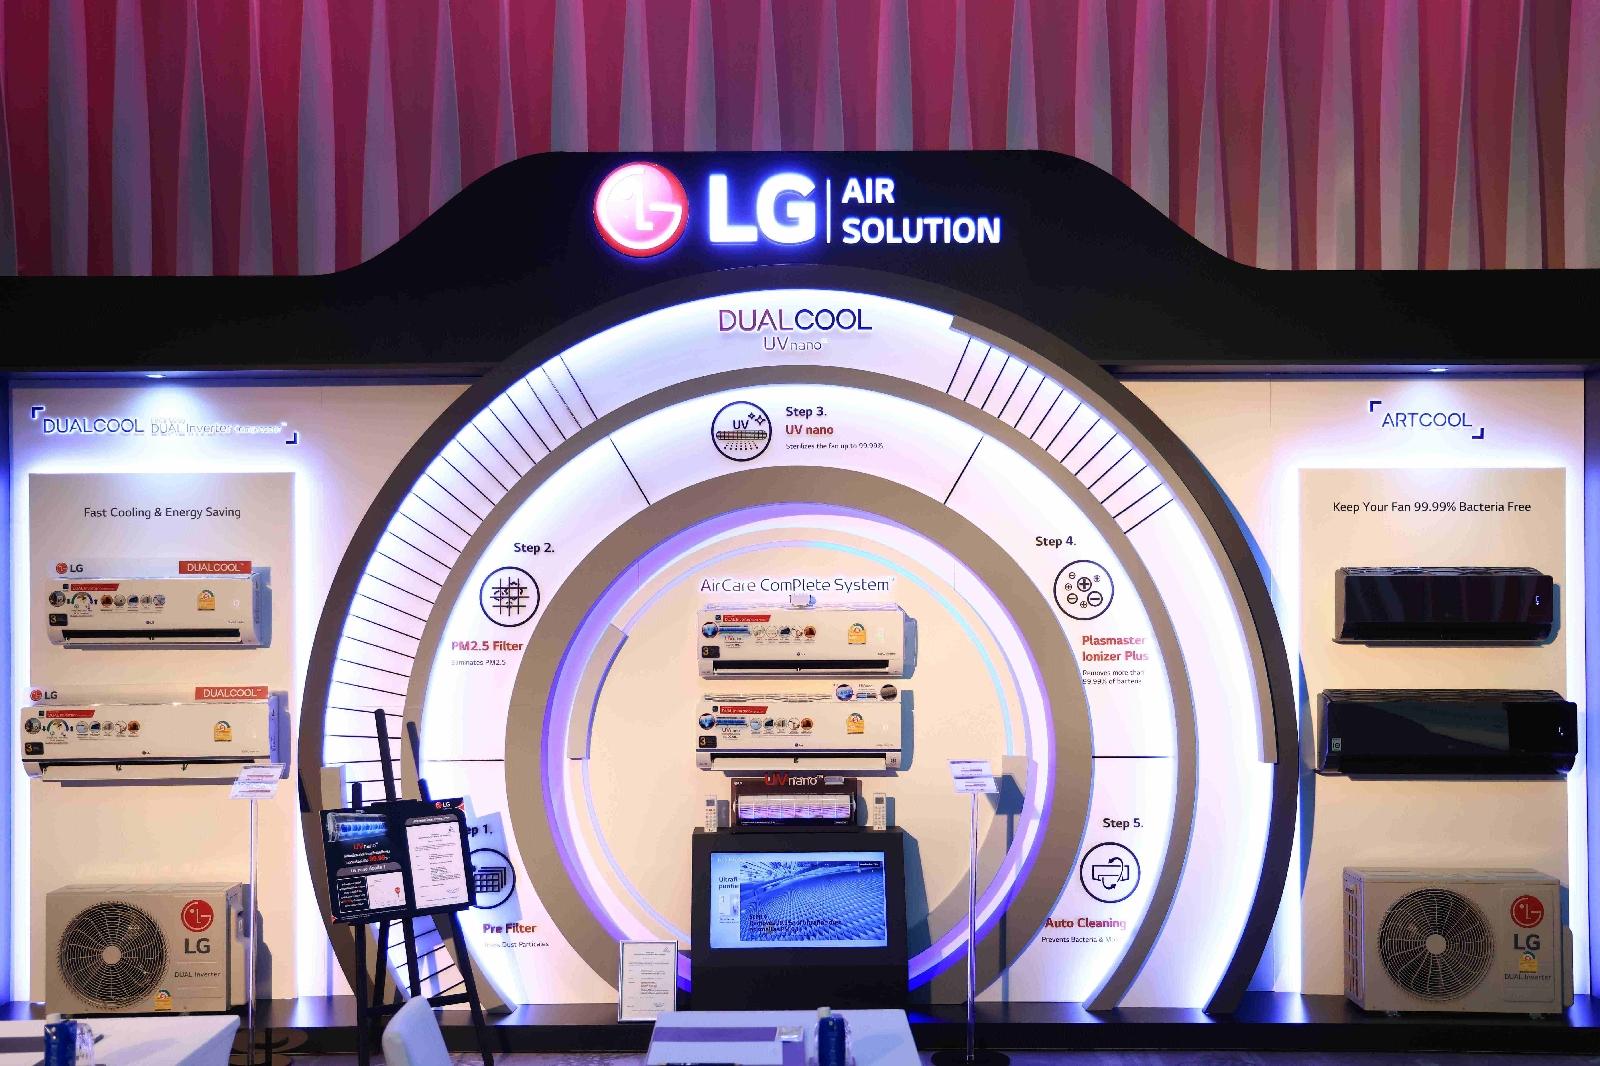 LG ส่งทัพเครื่องปรับอากาศภายในบ้าน ชูนวัตกรรม UVnano กำจัดเชื้อแบคทีเรียและไวรัสที่ใบพัดในตัวเครื่อง 99.99% เพื่อมอบอากาศบริสุทธิ์และเย็นอย่างเหนือระดับ